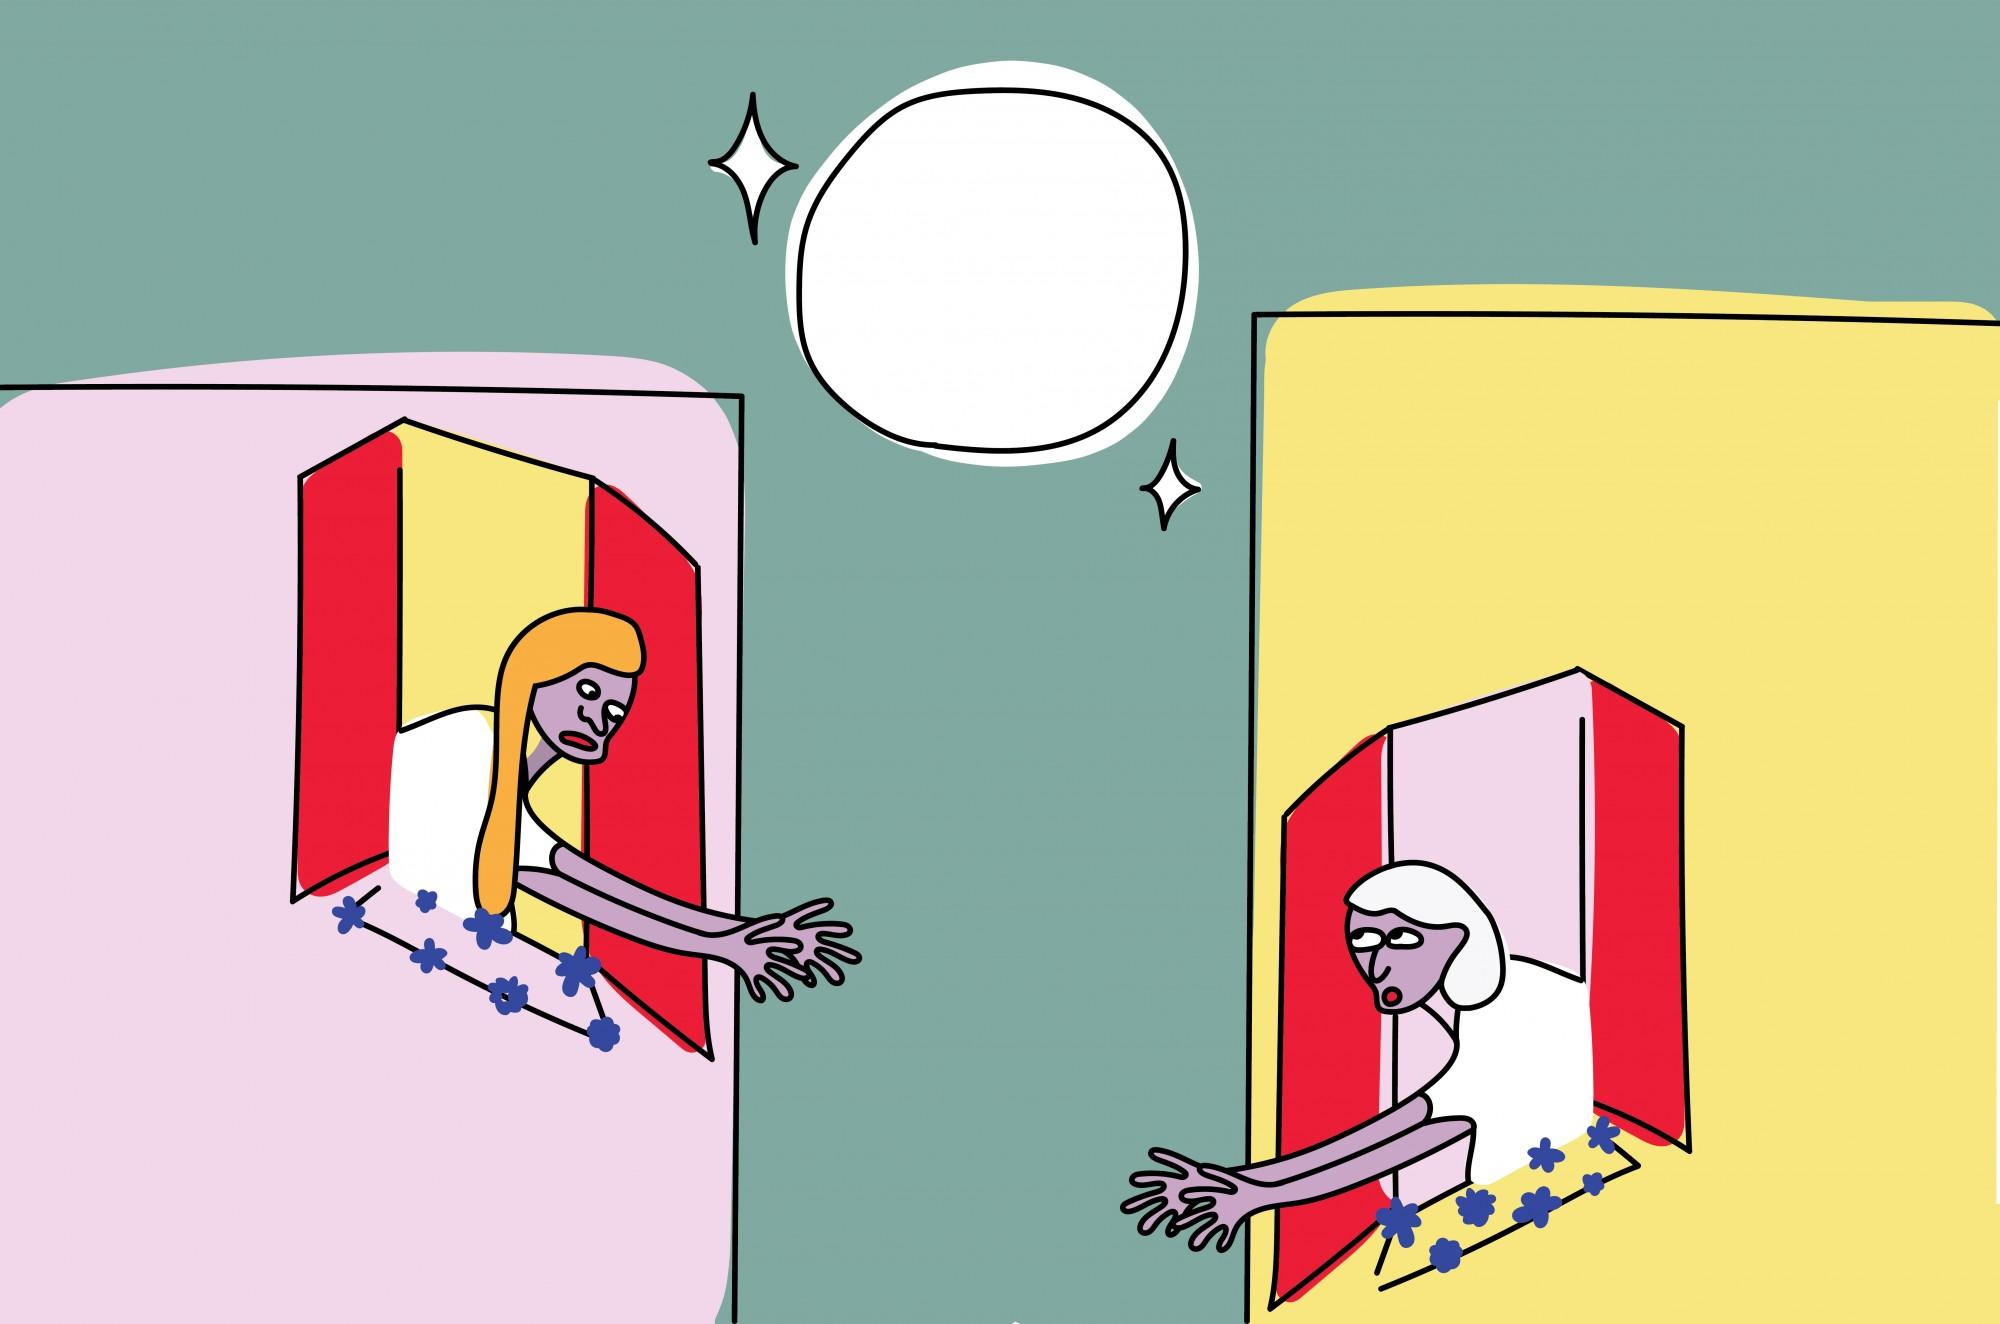 graphics_03292020_QuarantineIllus_RGB_Eva